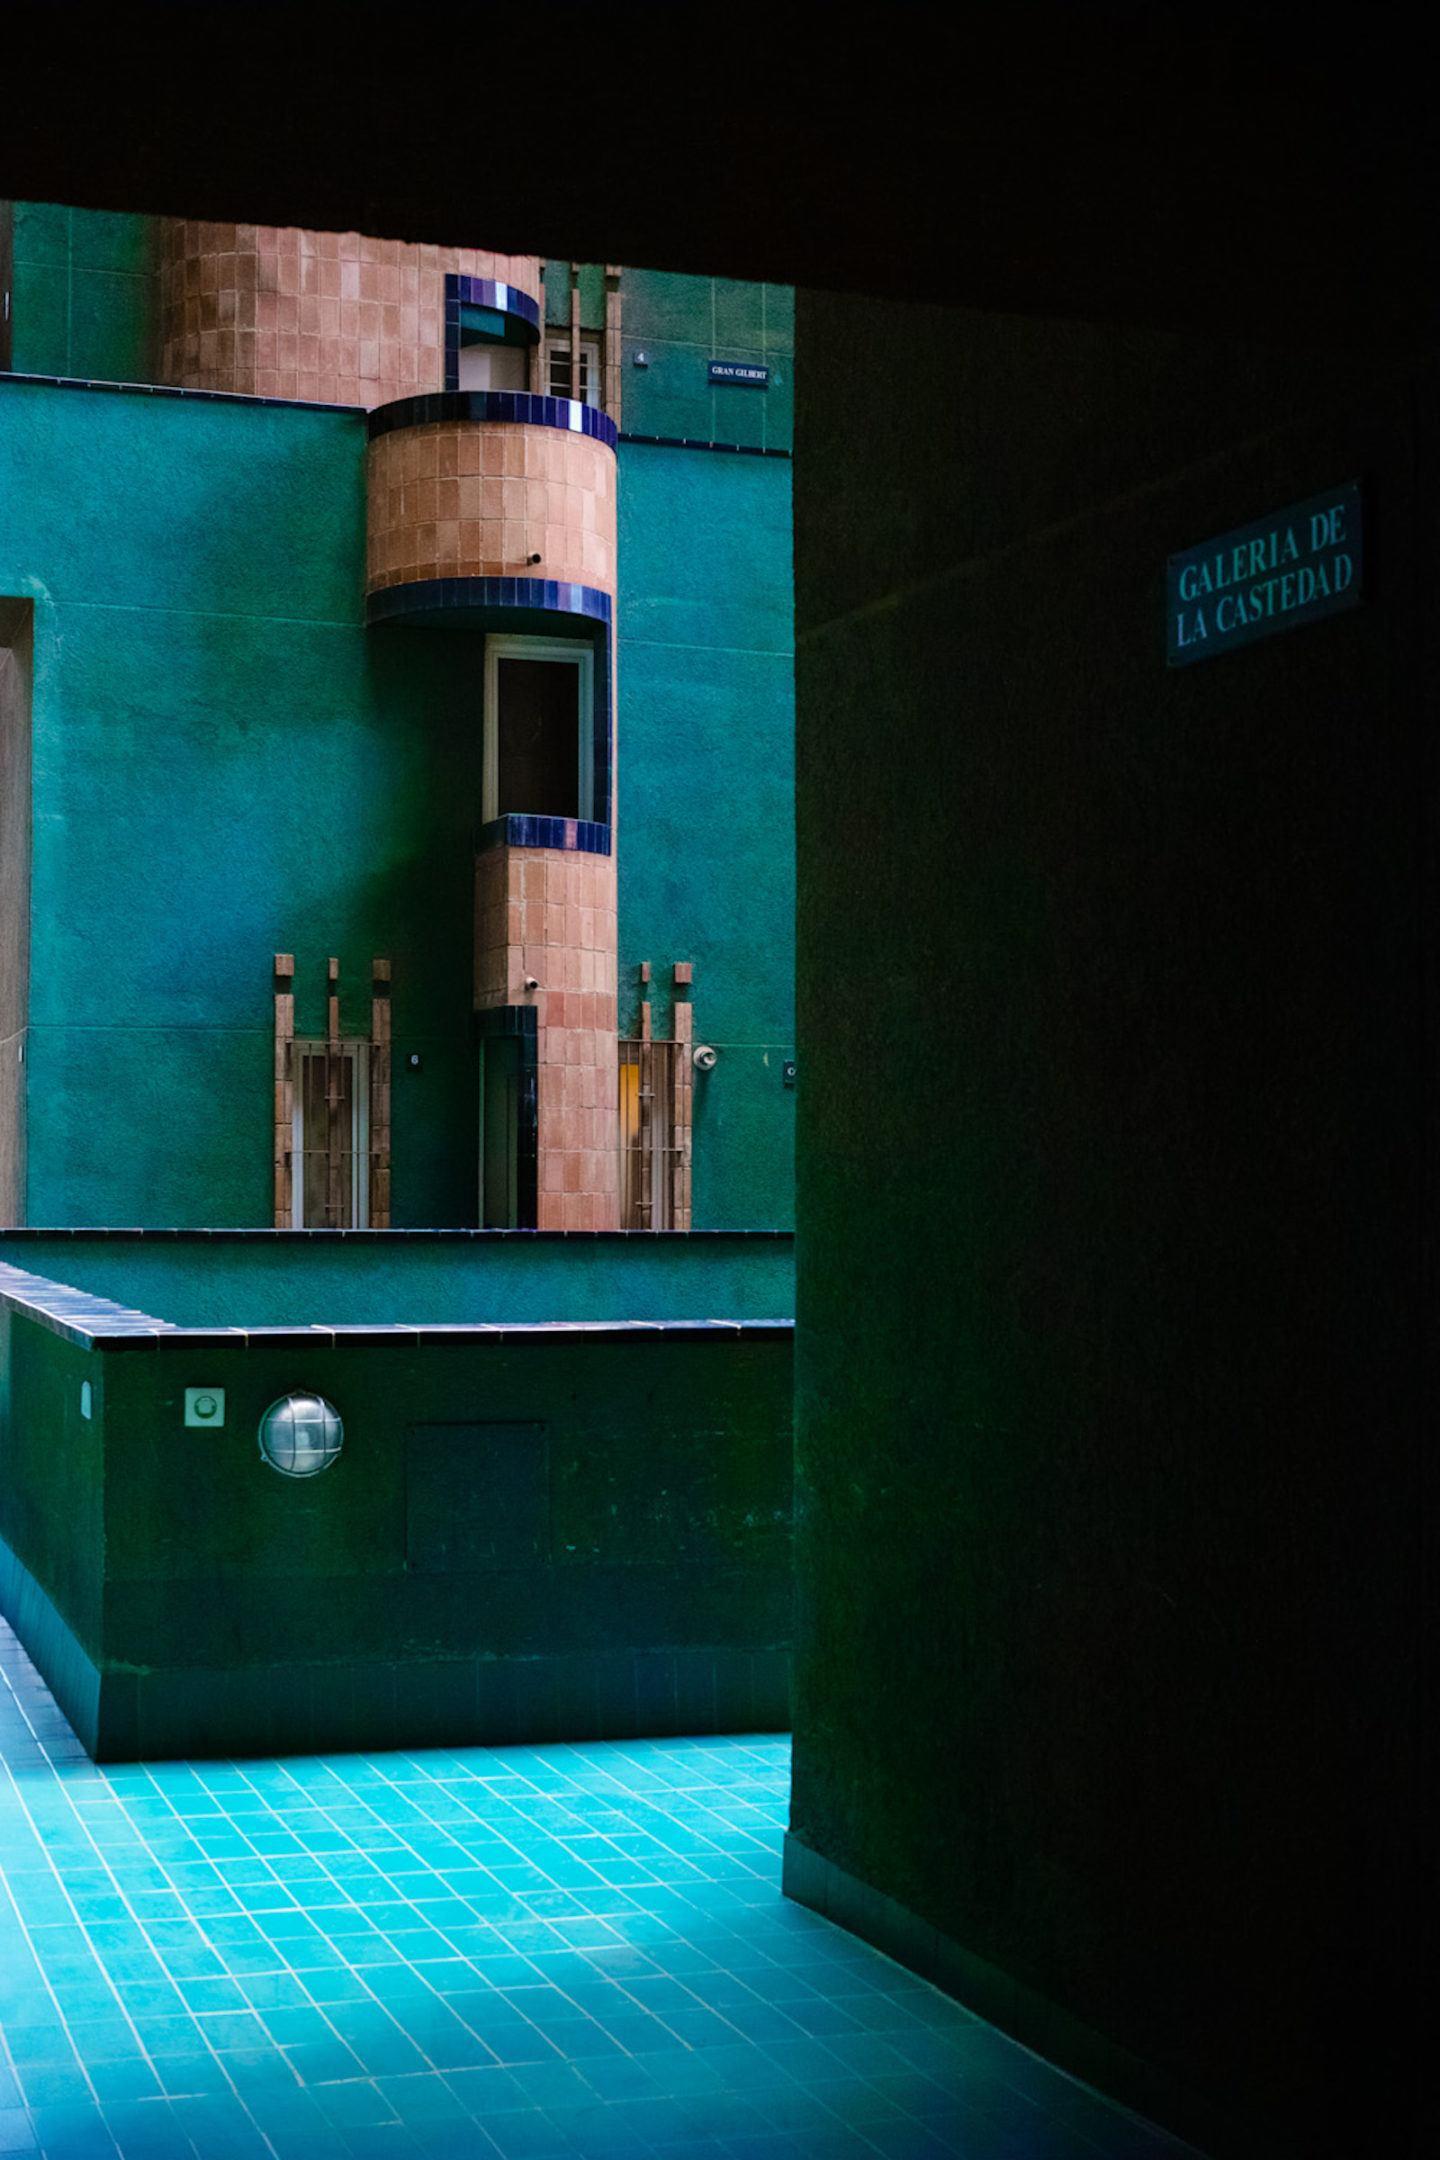 iGNANT-Architecture-Ricardo-Bofill-Walden7-009